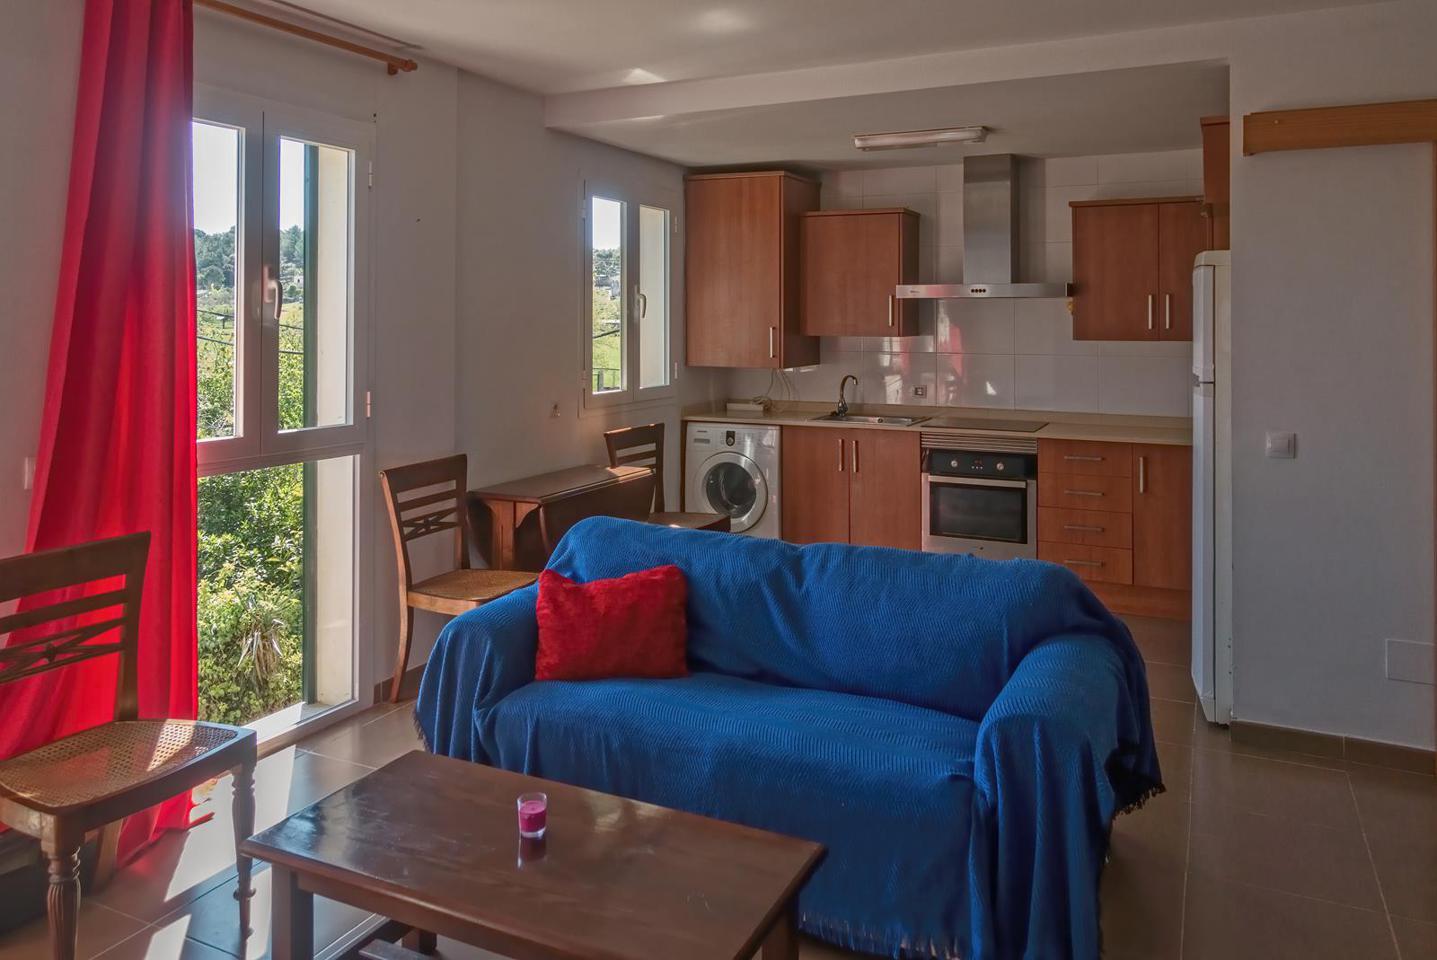 Miete Etagenwohnung  Pueblo. Enhabitat propiedades ofrece piso tipo duplex en alquiler para l